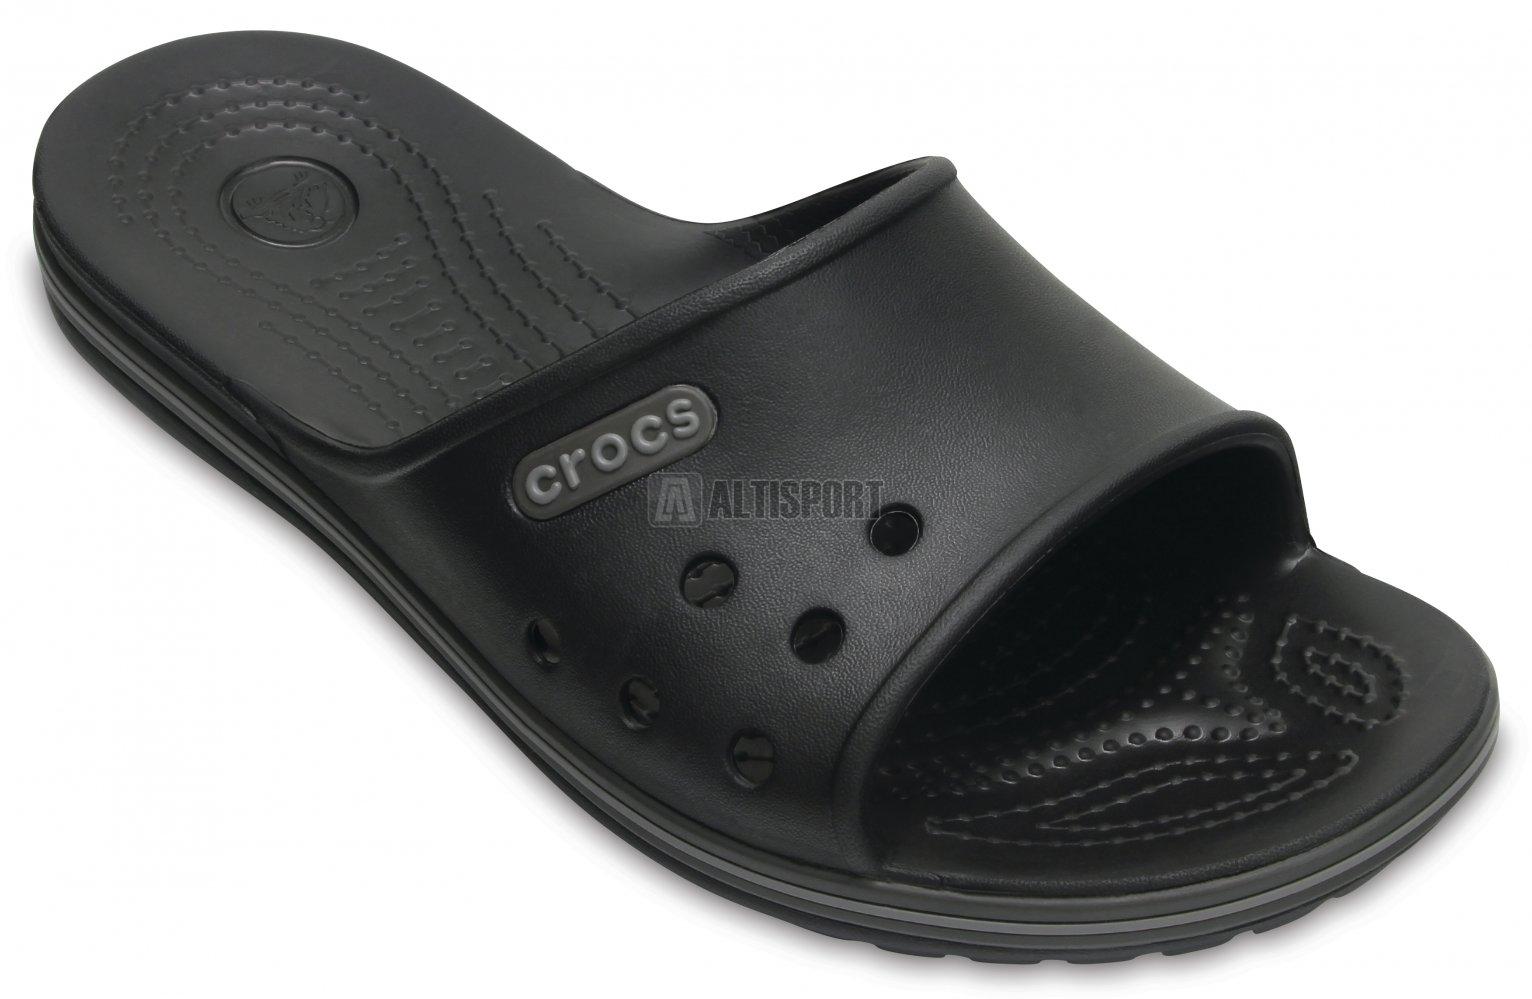 Pánské pantofle CROCS CROCBAND II SLIDE 204108-02S BLACK GRAPHITE ... b9c90d76d9